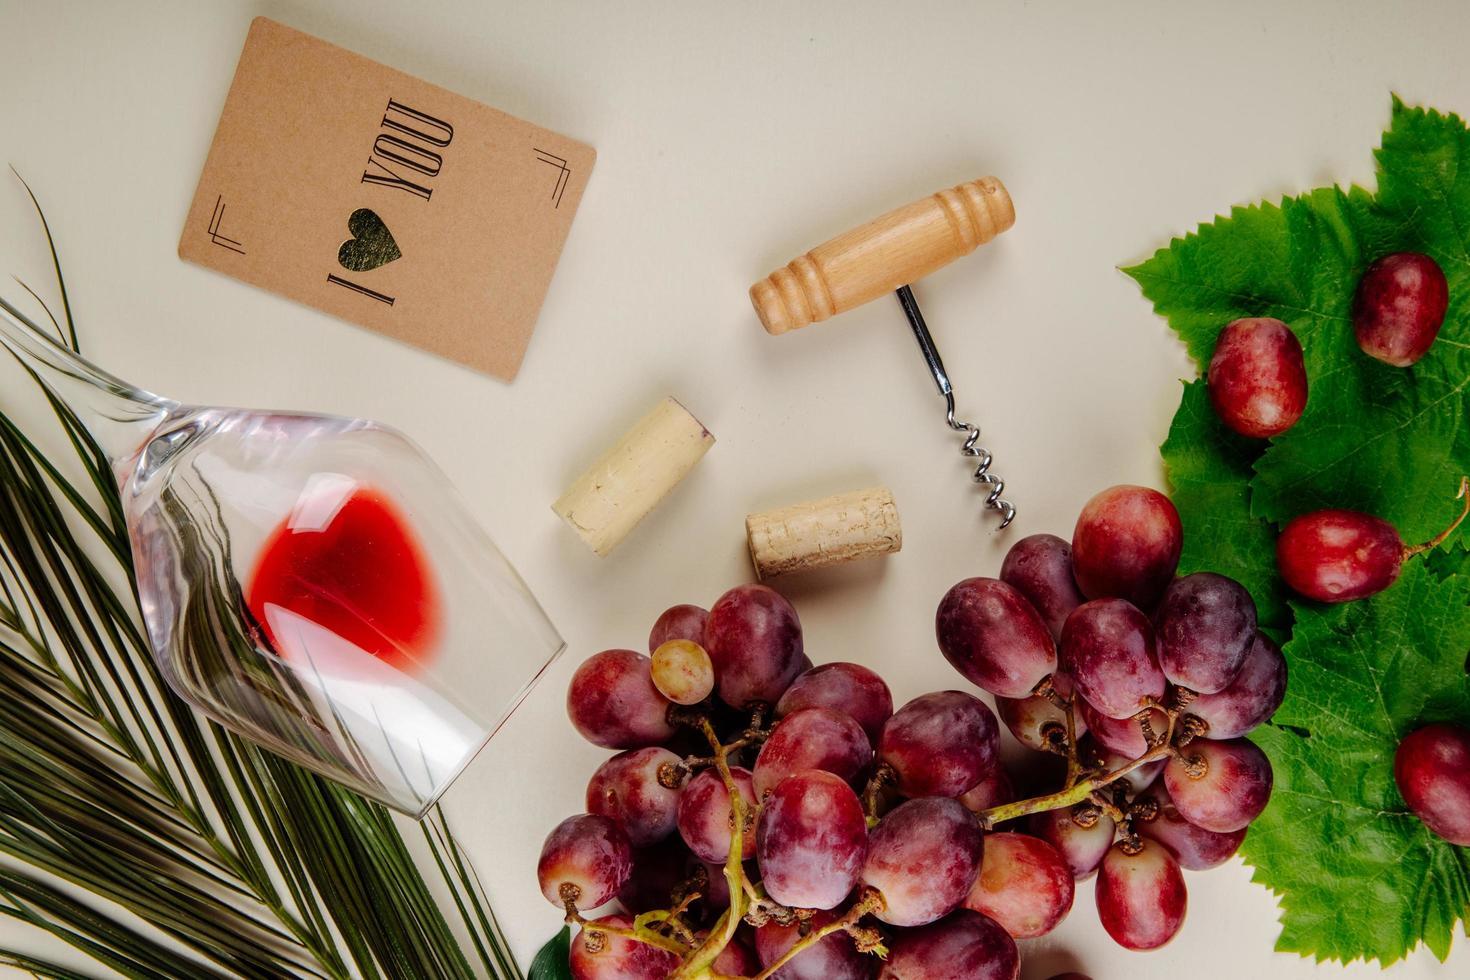 vue de dessus du vin et des raisins photo